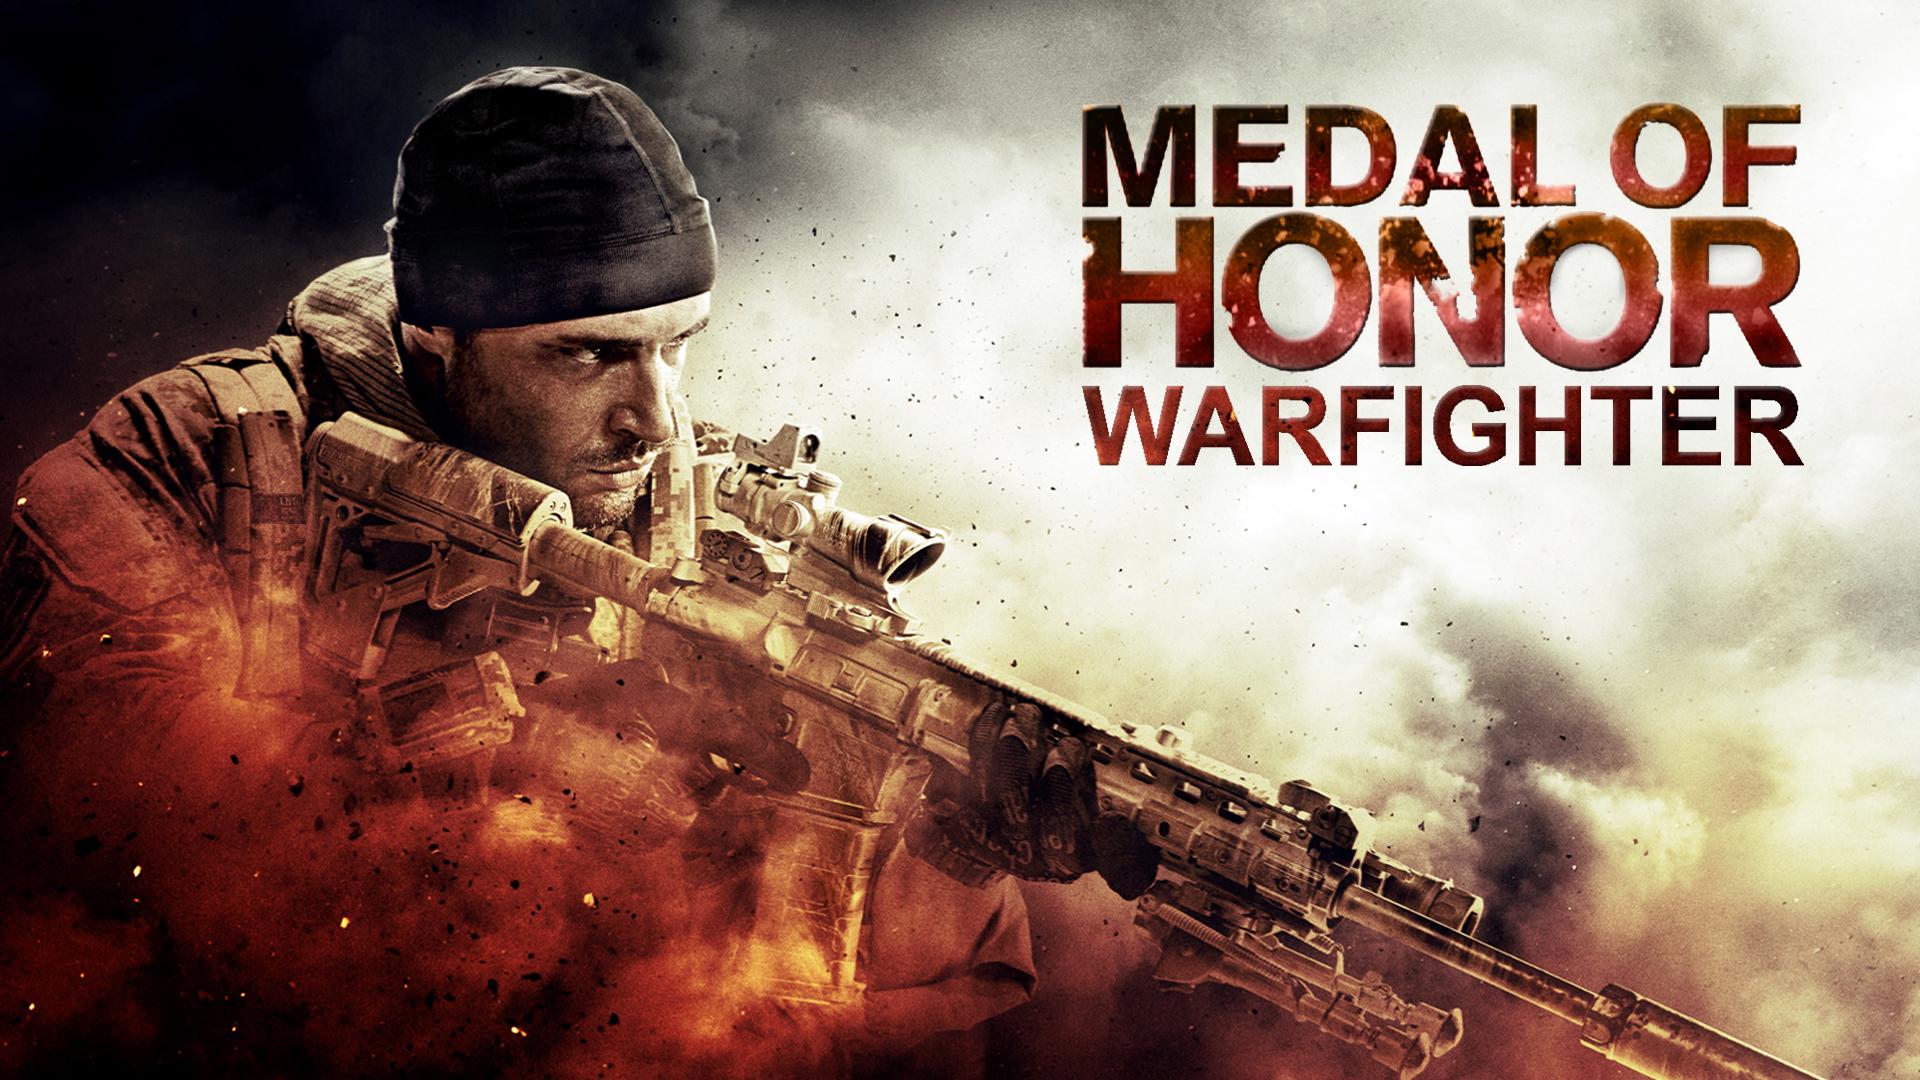 Medal of Honor Warfighter wallpaper 2